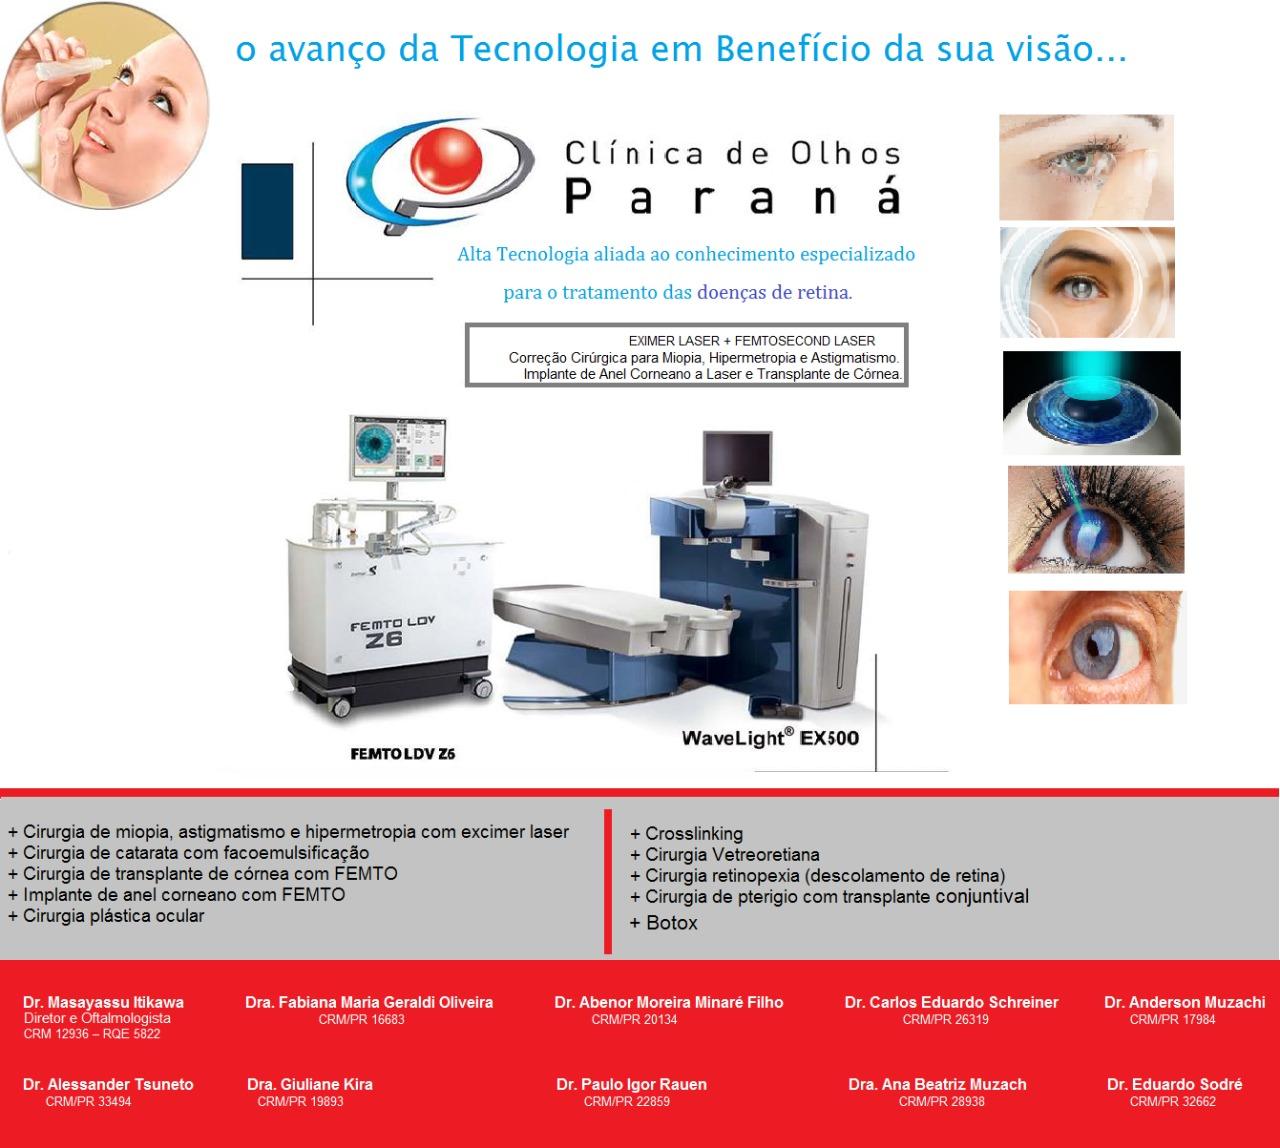 f485a6802 http://clinicadeolhosparana.com.br/novo/wp-content/uploads/2017/07 ...